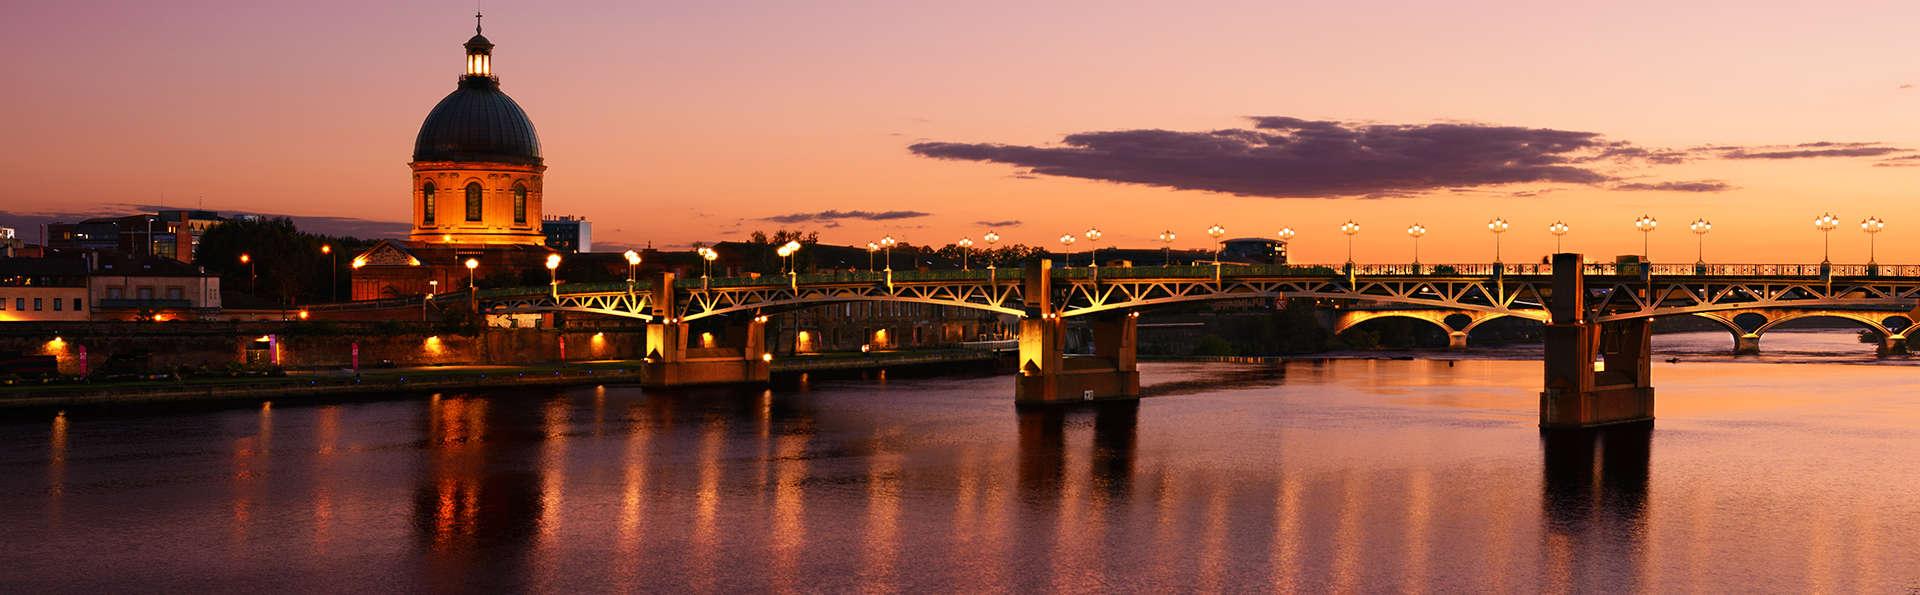 Oferta especial: Gastronomía con cena y spa en Toulouse